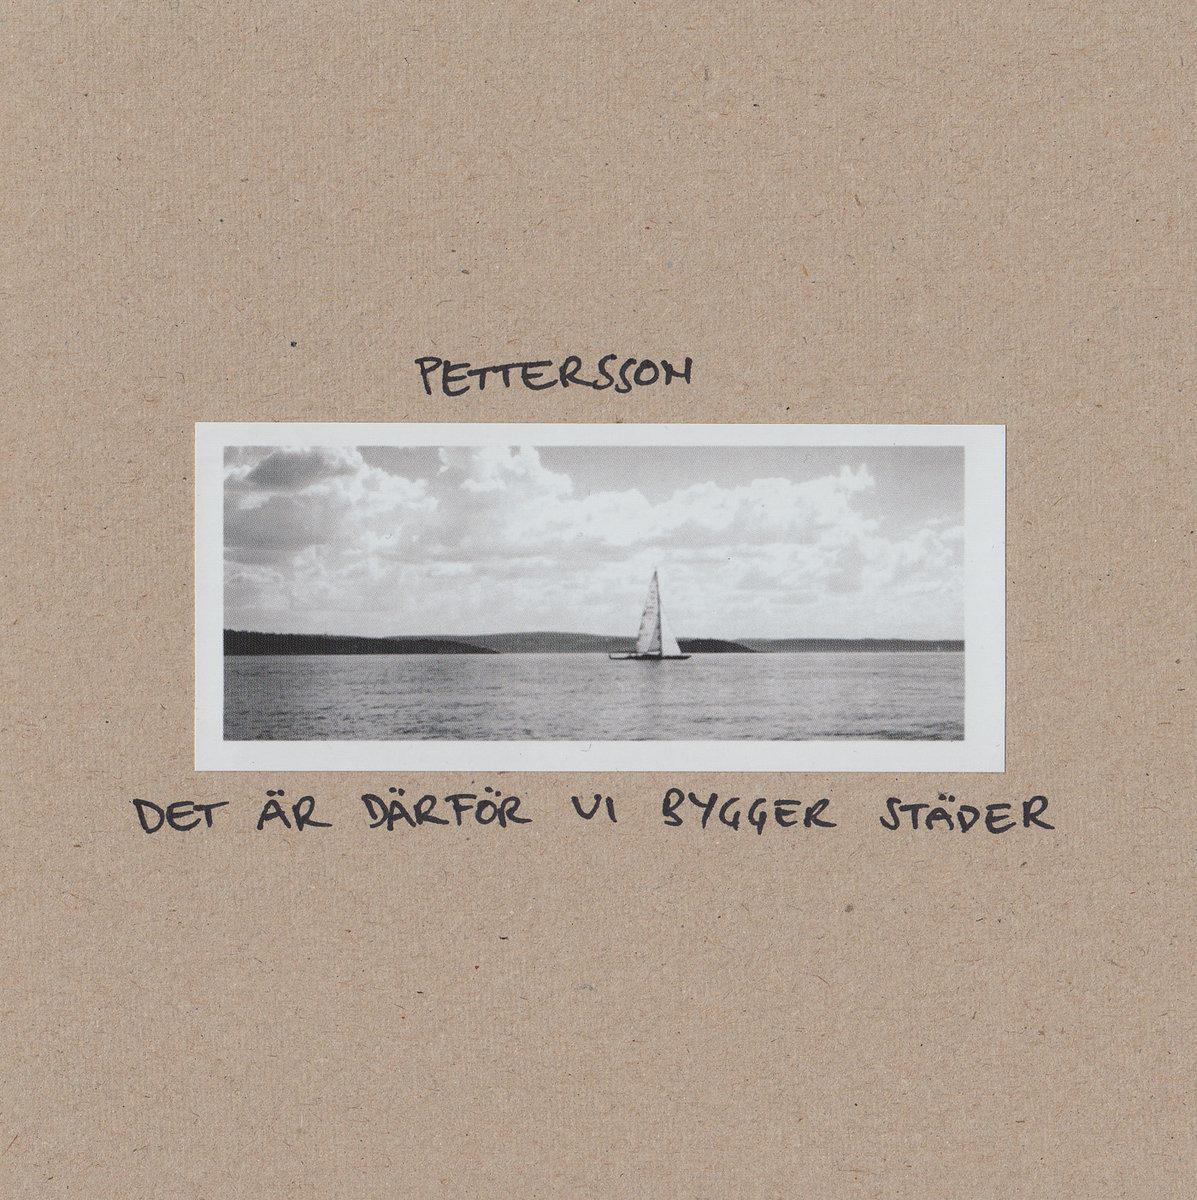 Pettersson/Det är Därför vi Bygger Städer - Split 7